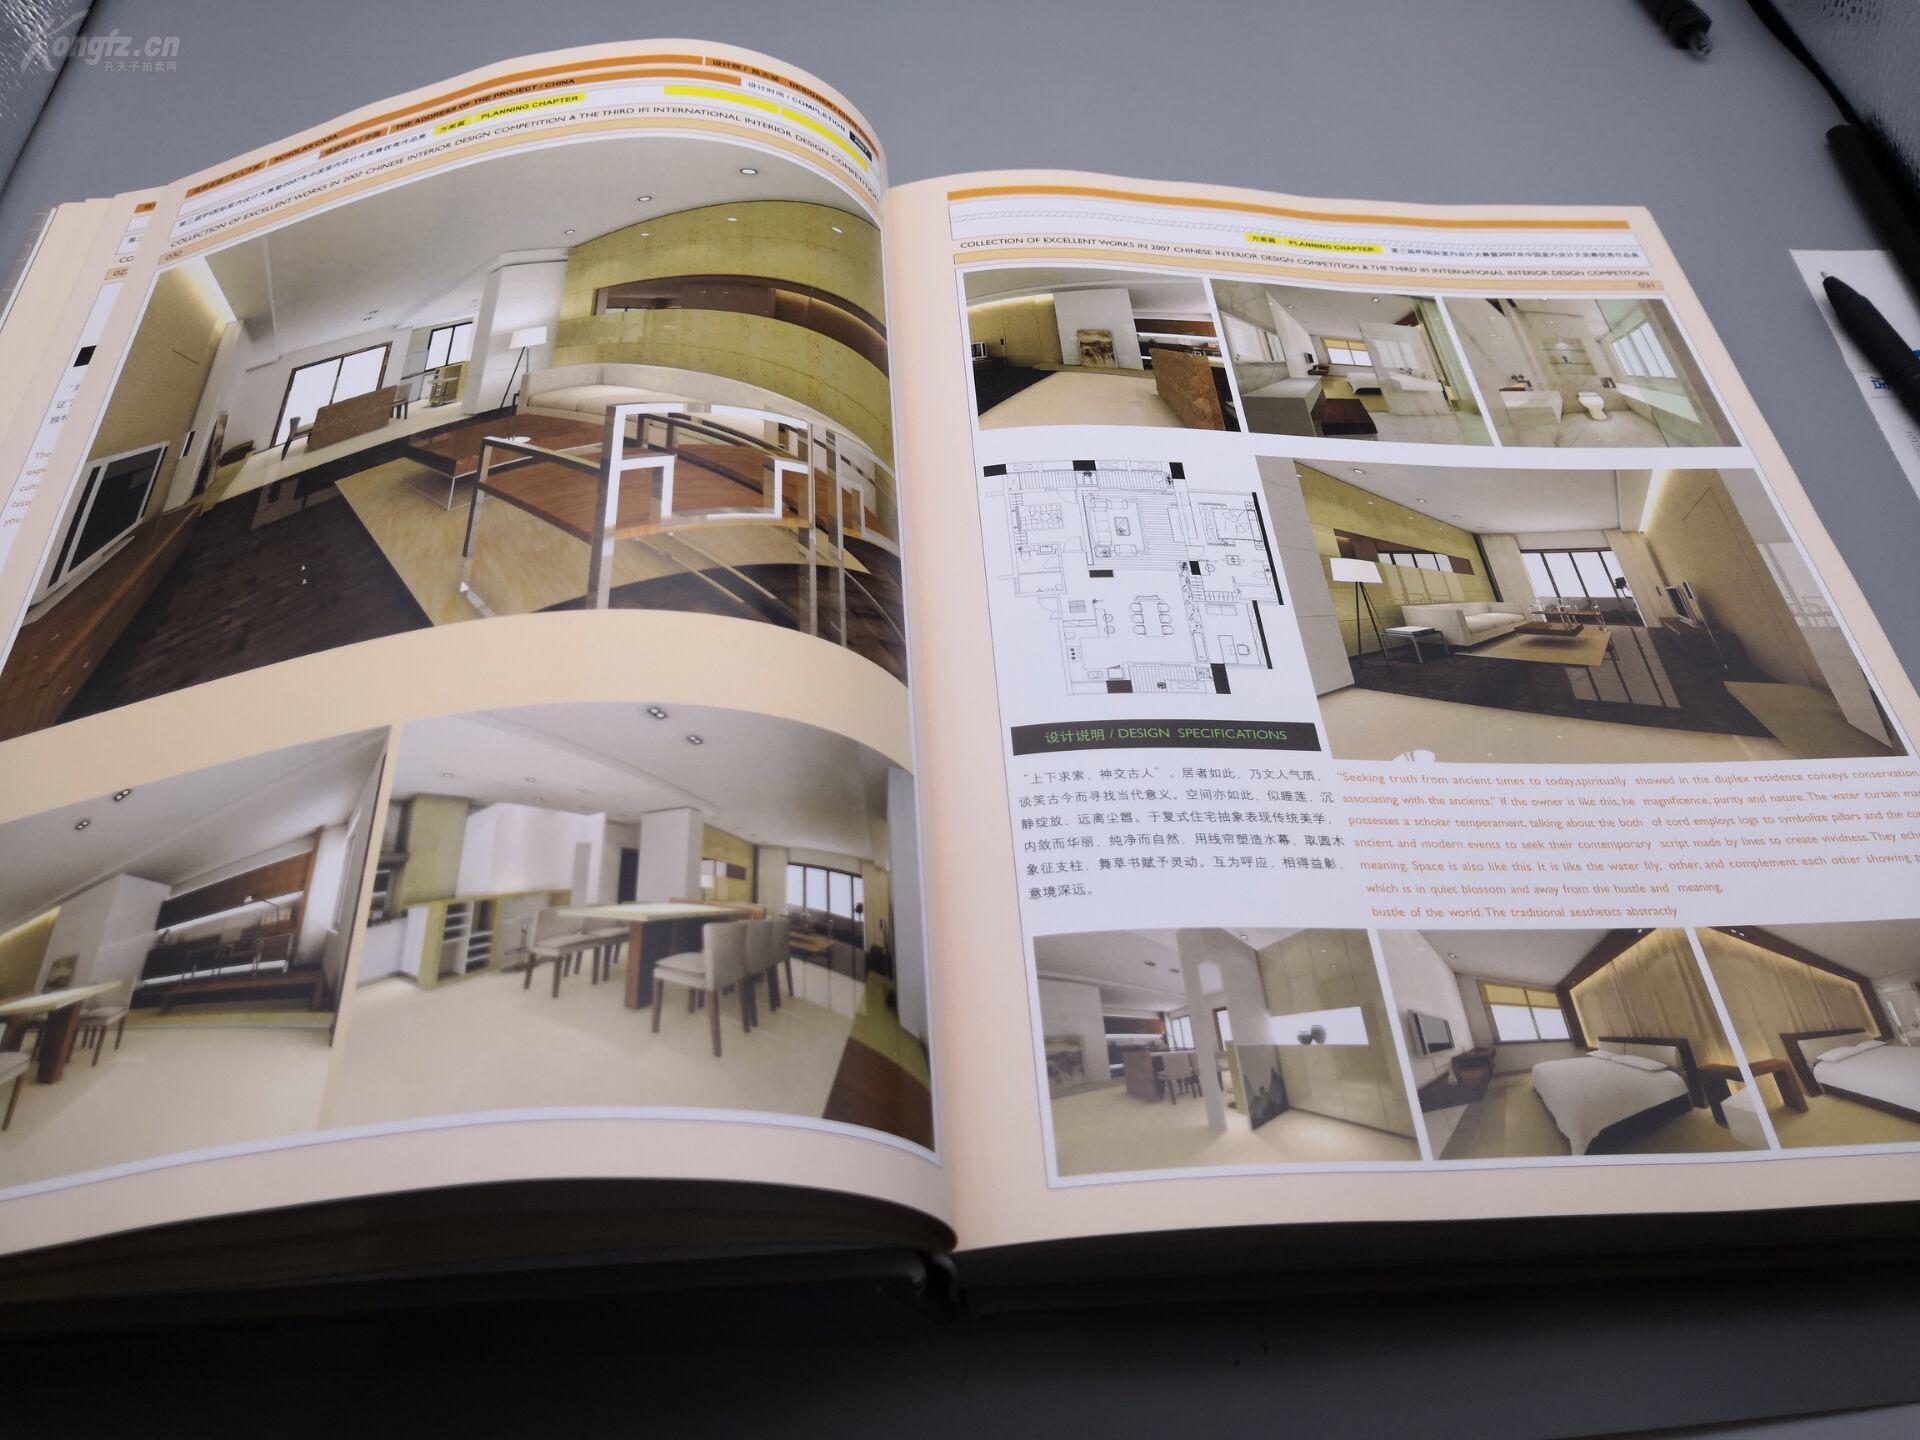 《第三届世界室内设计v世界别墅住宅大全》精我的国际教程建筑设计木屋公寓图片